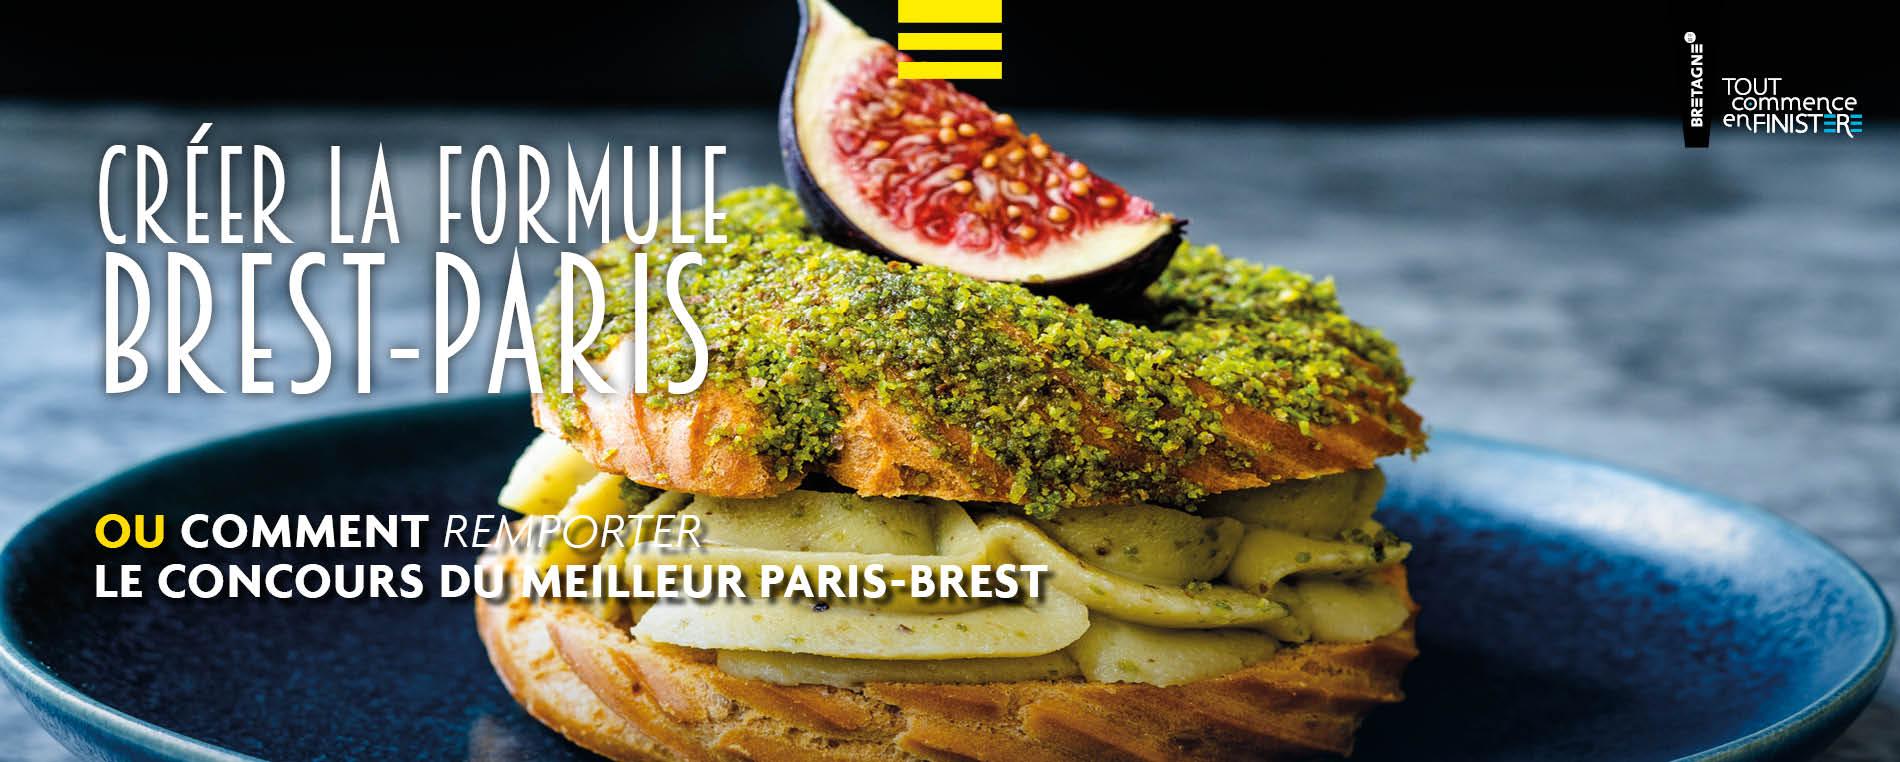 Concours Grand Public : La revisite du Paris-Brest